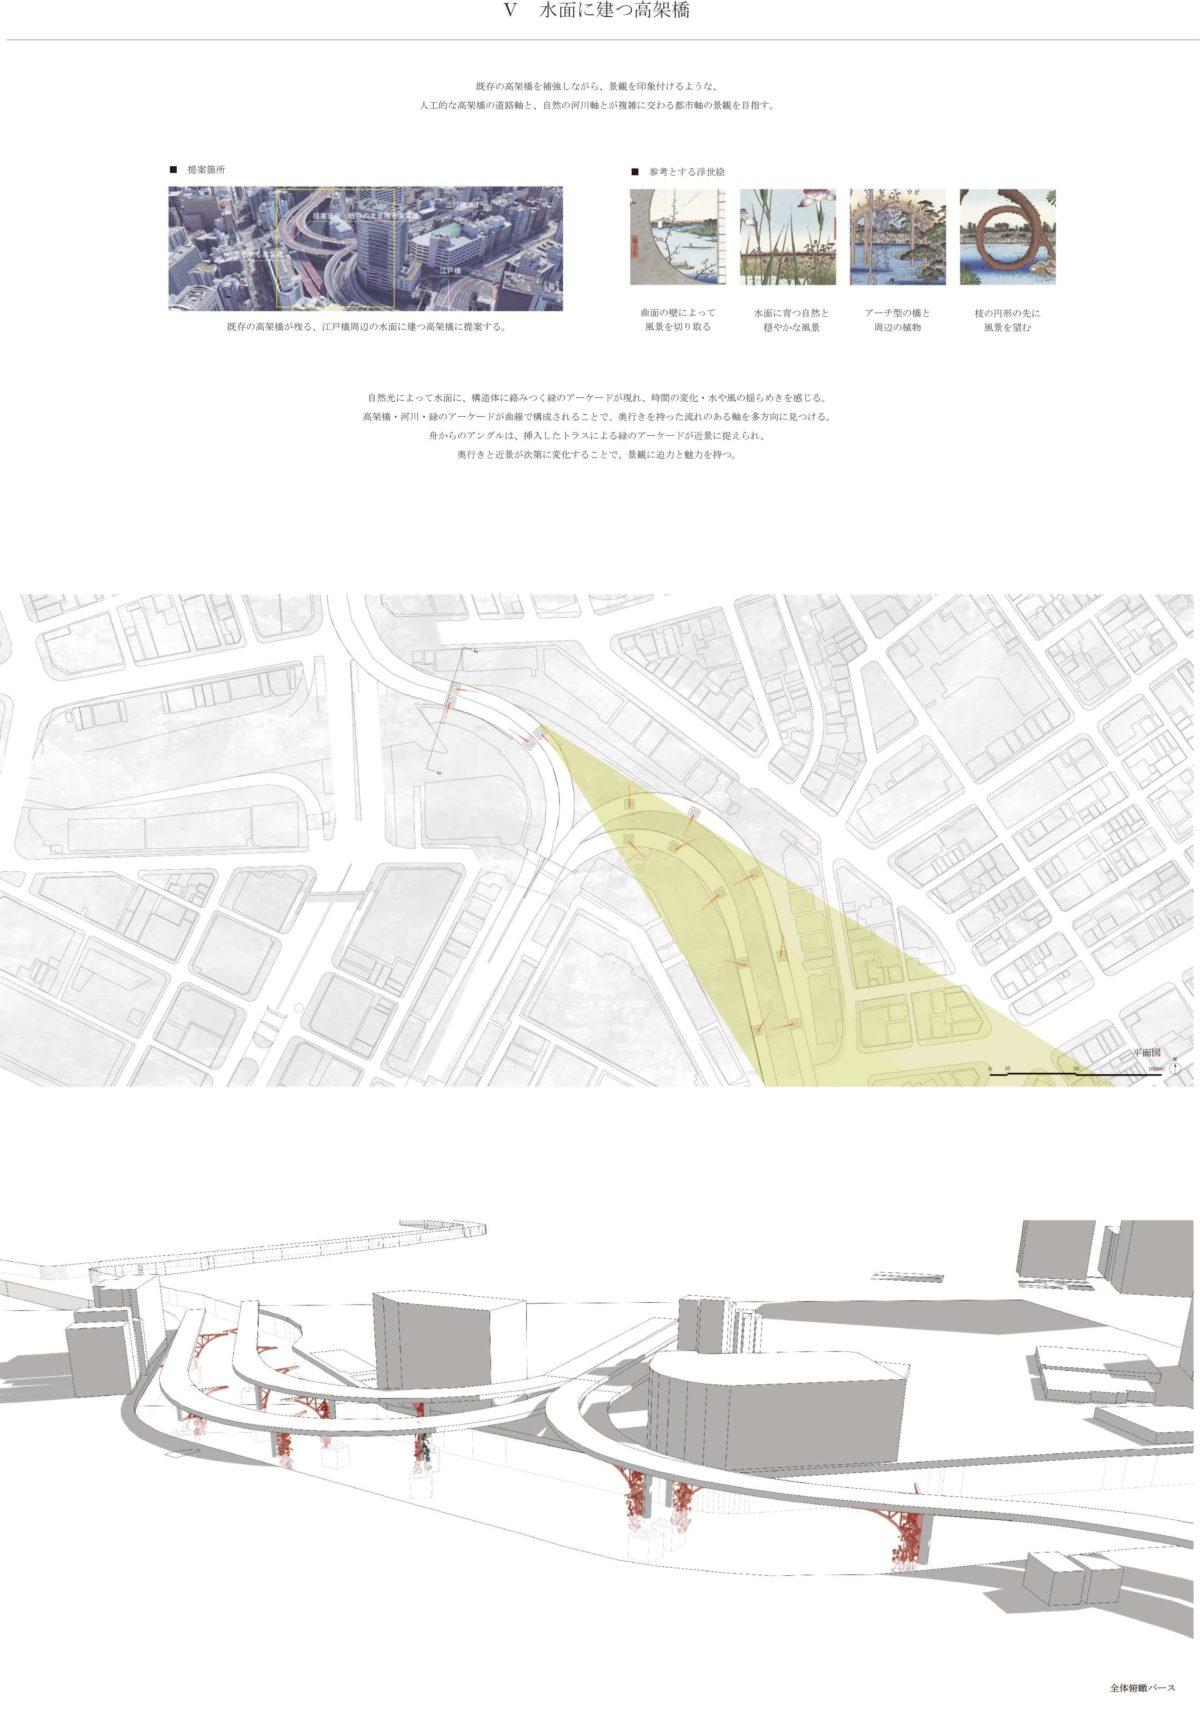 風景を想起する第五世代美術館建築 -歌川広重による名所江戸百景の分析を通して--16